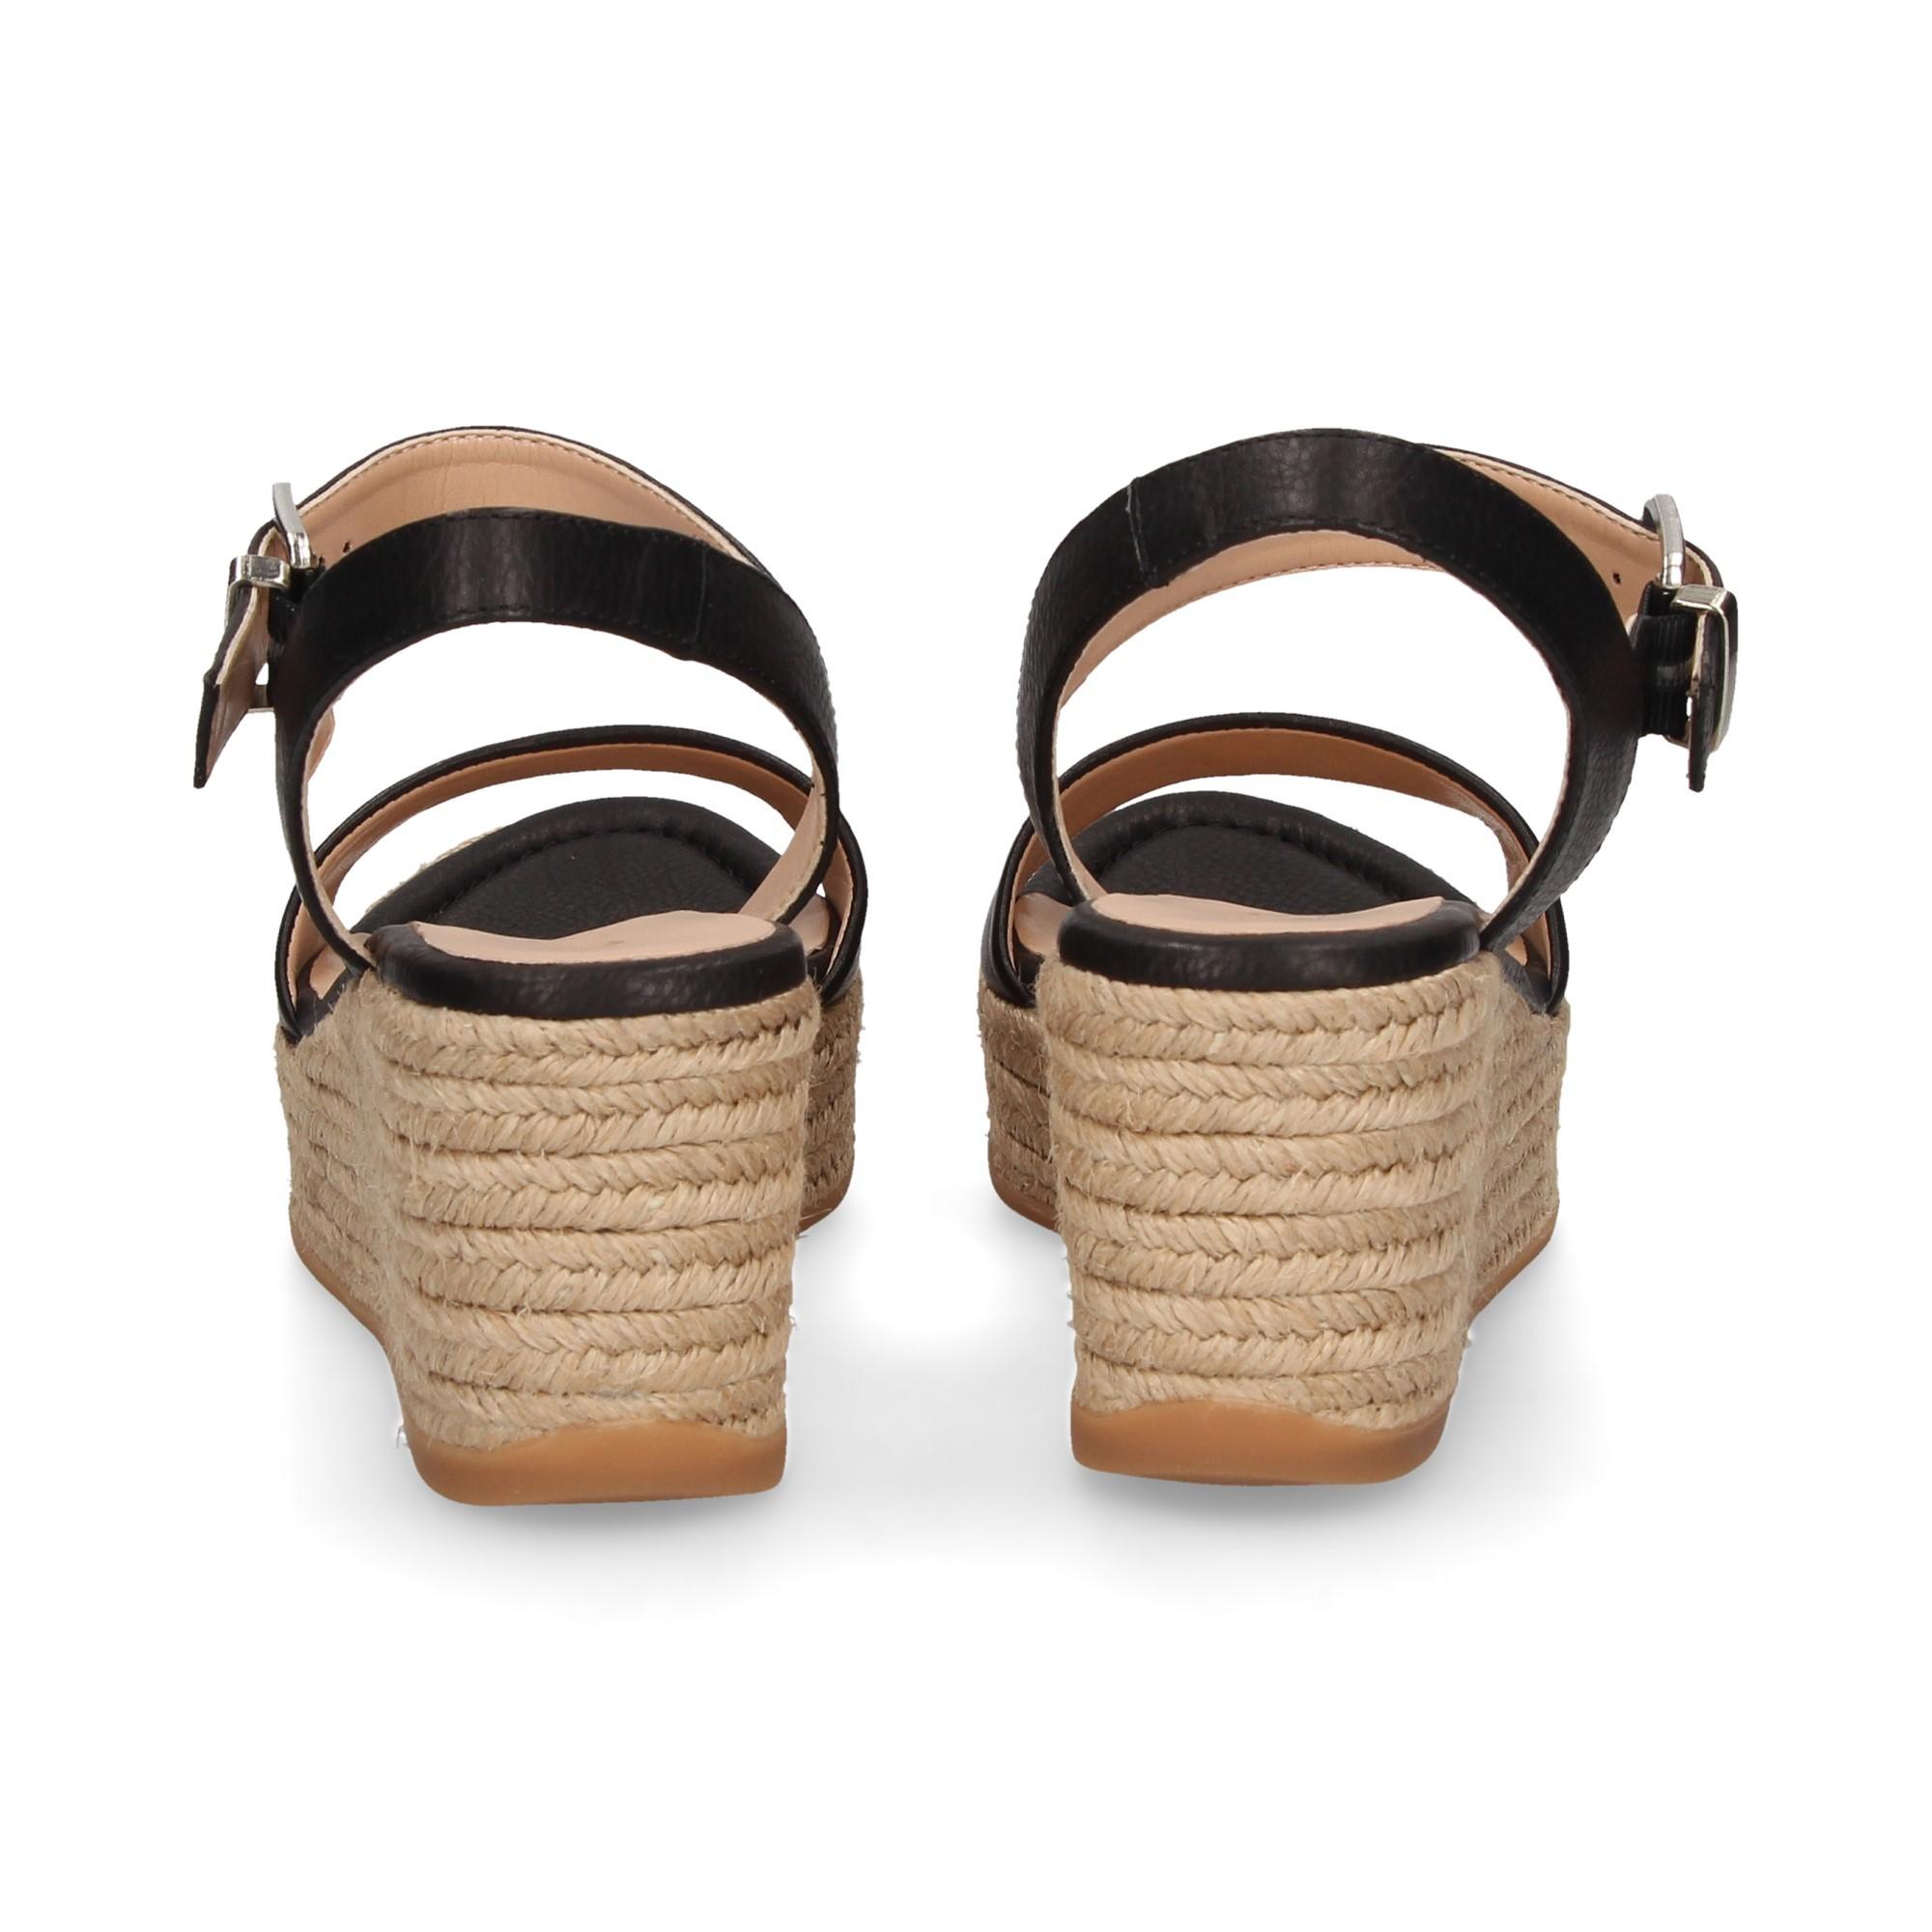 b4d4d973930 UNISA Women s wedge sandals KALKA STY NEGRO